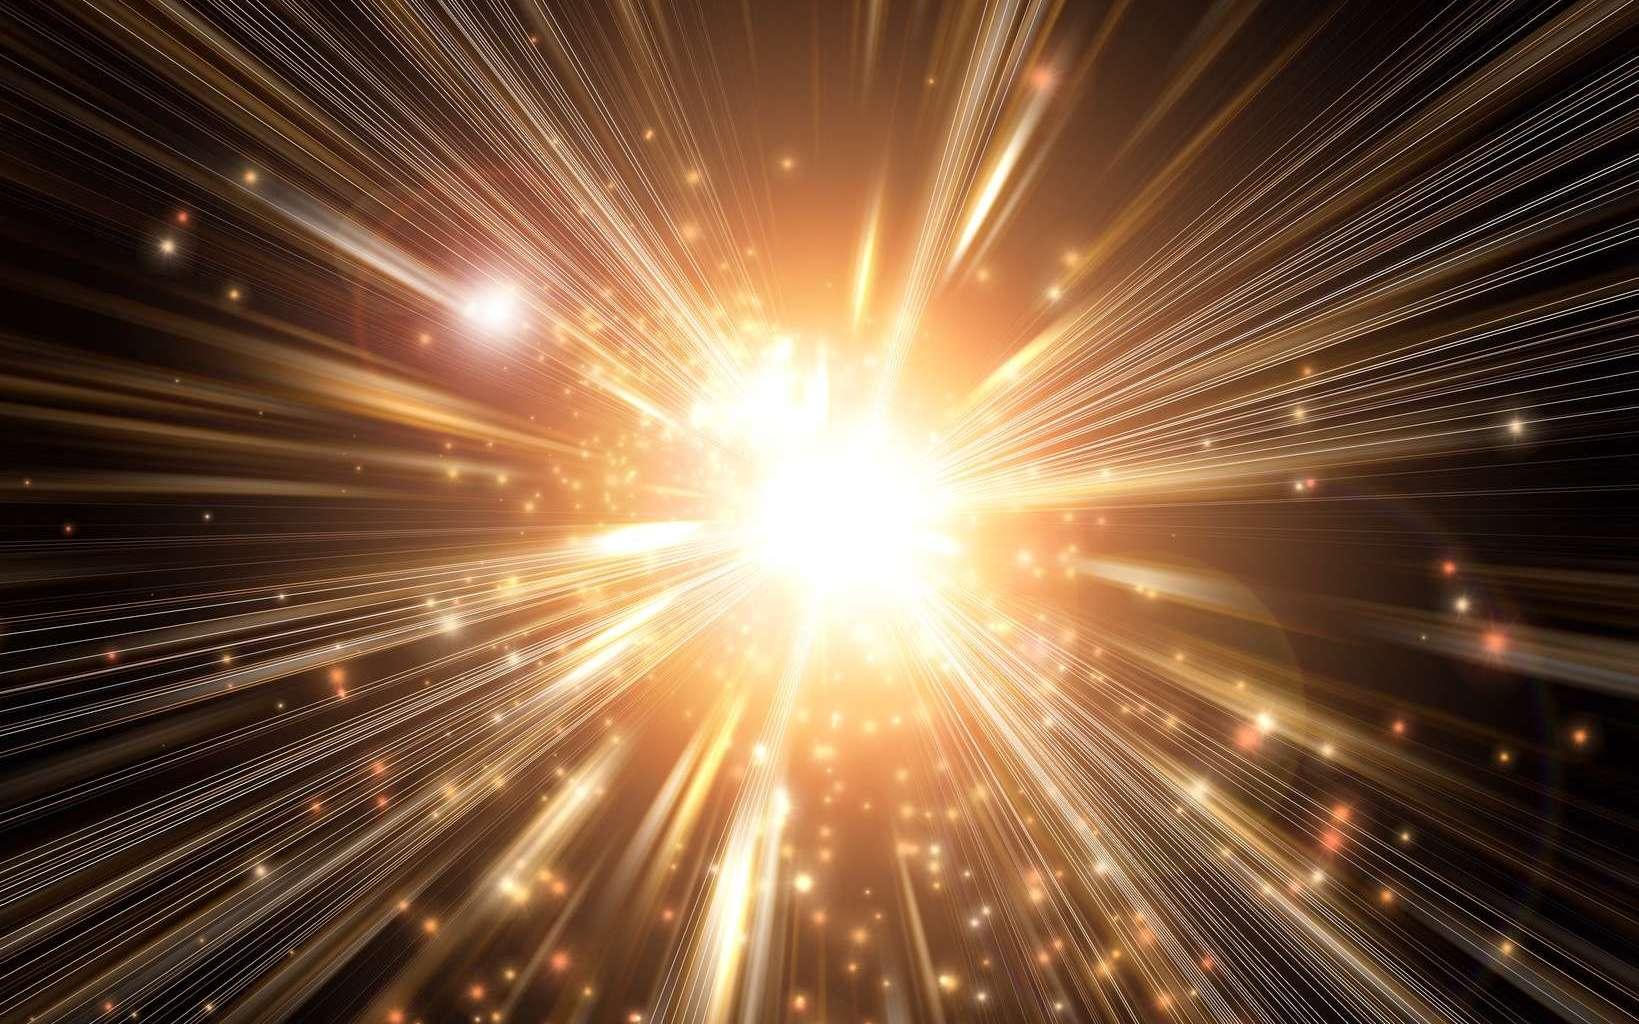 Une vue d'artiste du Big Bang, bien que celui-ci ne soit en rien comparable à une explosion sous tous les aspects possibles. © Santa Pa design, Fotolia